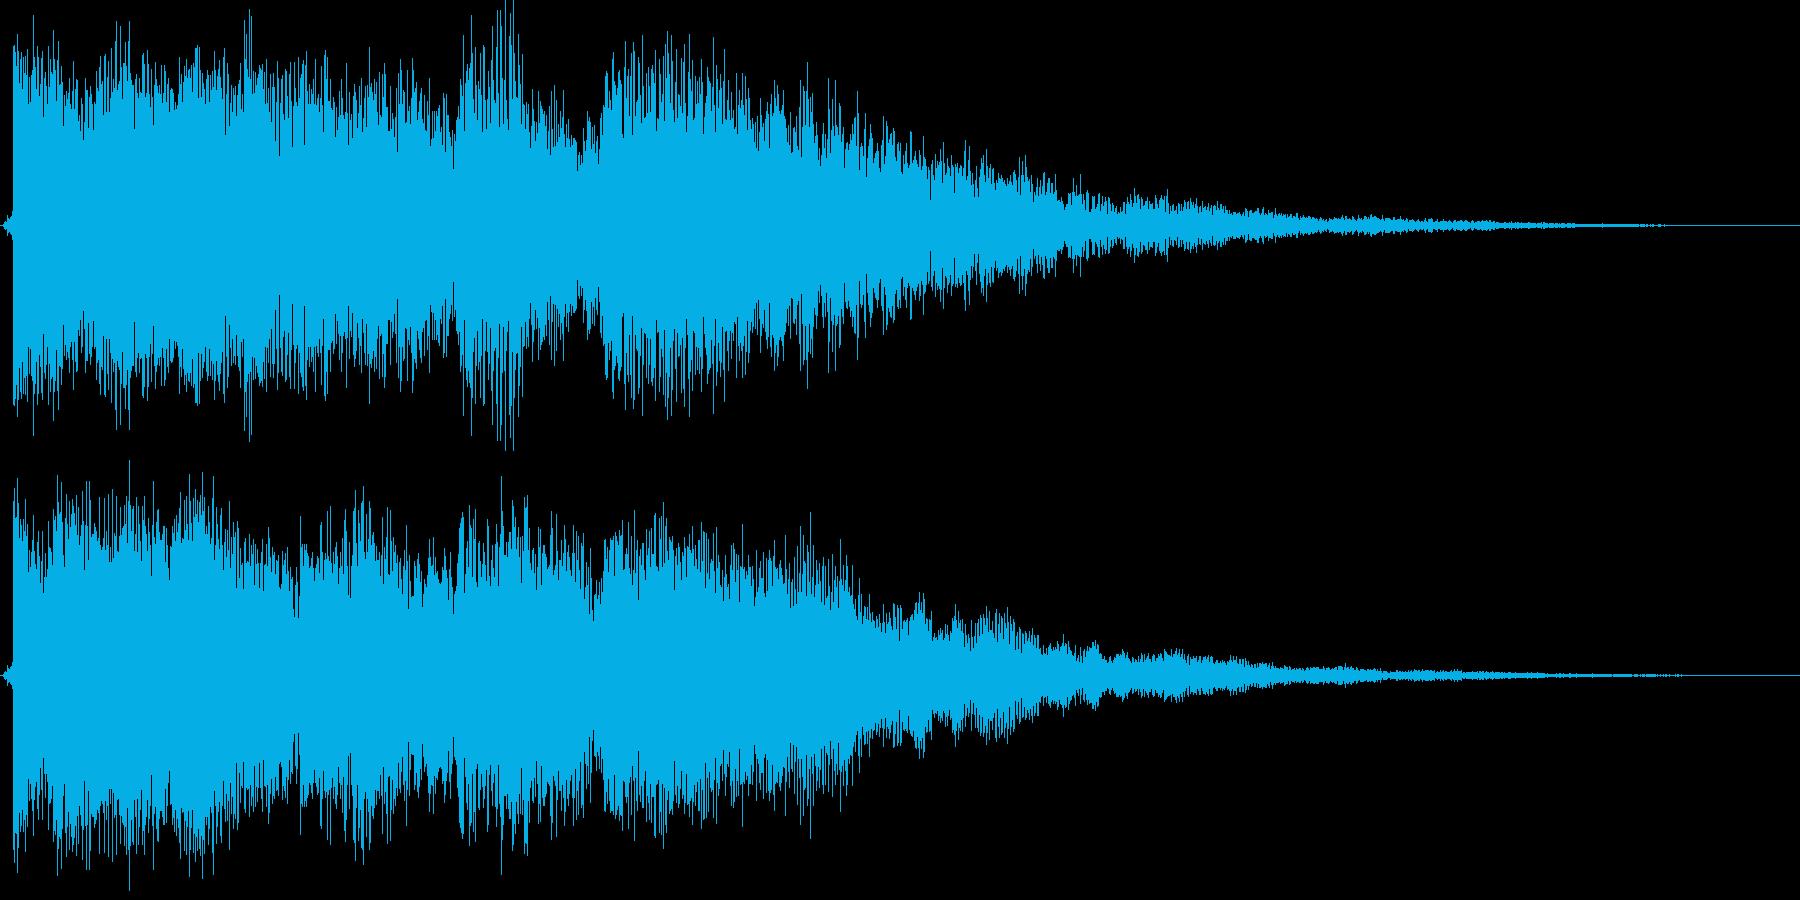 ティロロンティントントン(ベル的)の再生済みの波形